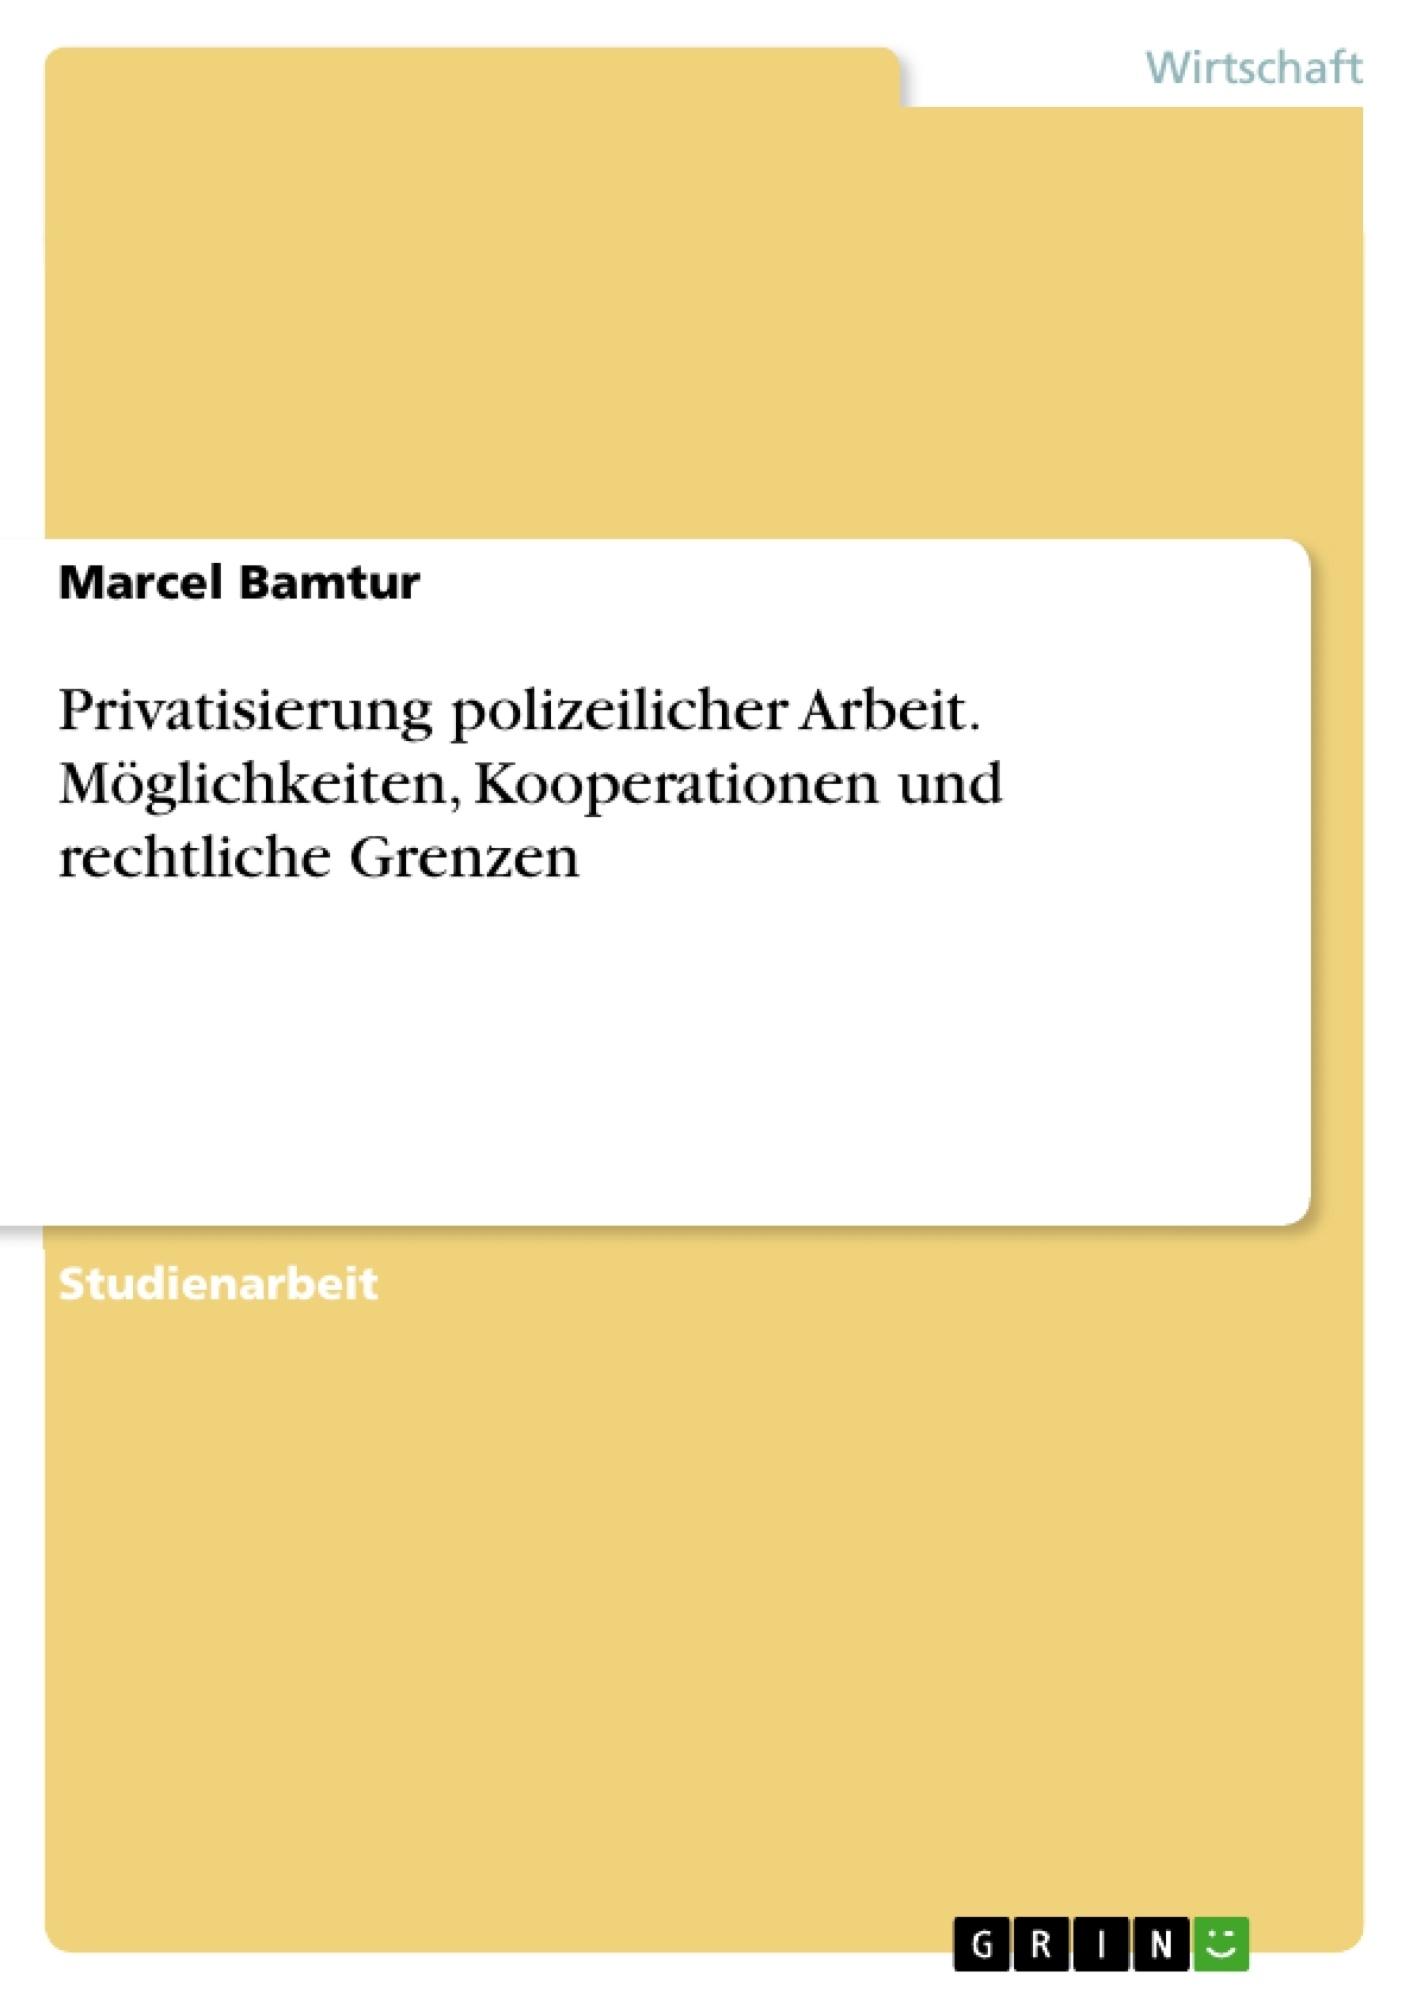 Titel: Privatisierung polizeilicher Arbeit. Möglichkeiten, Kooperationen und rechtliche Grenzen